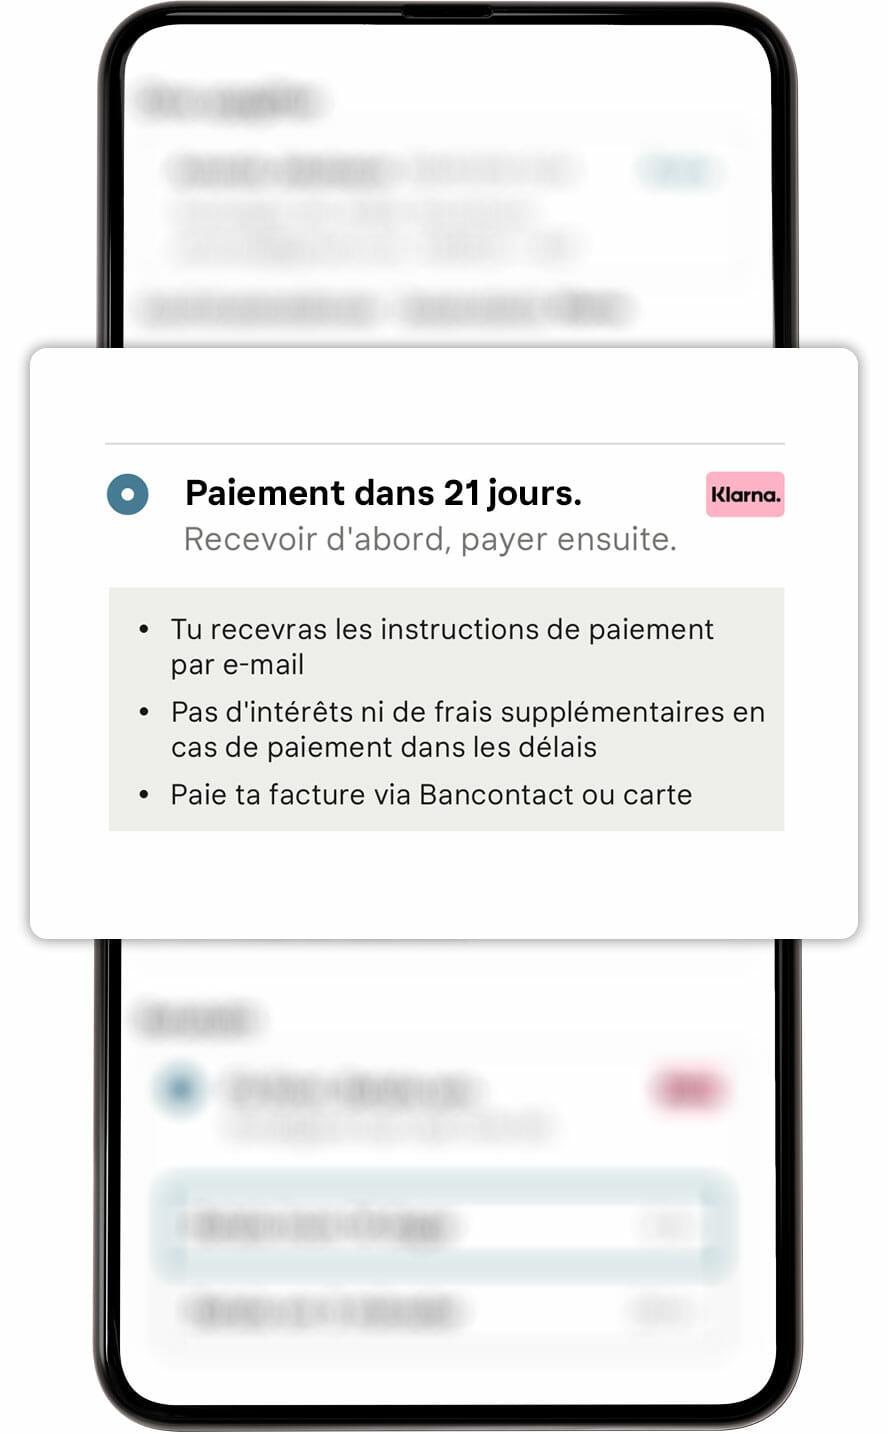 Paye dans 21 jours écran mobile.